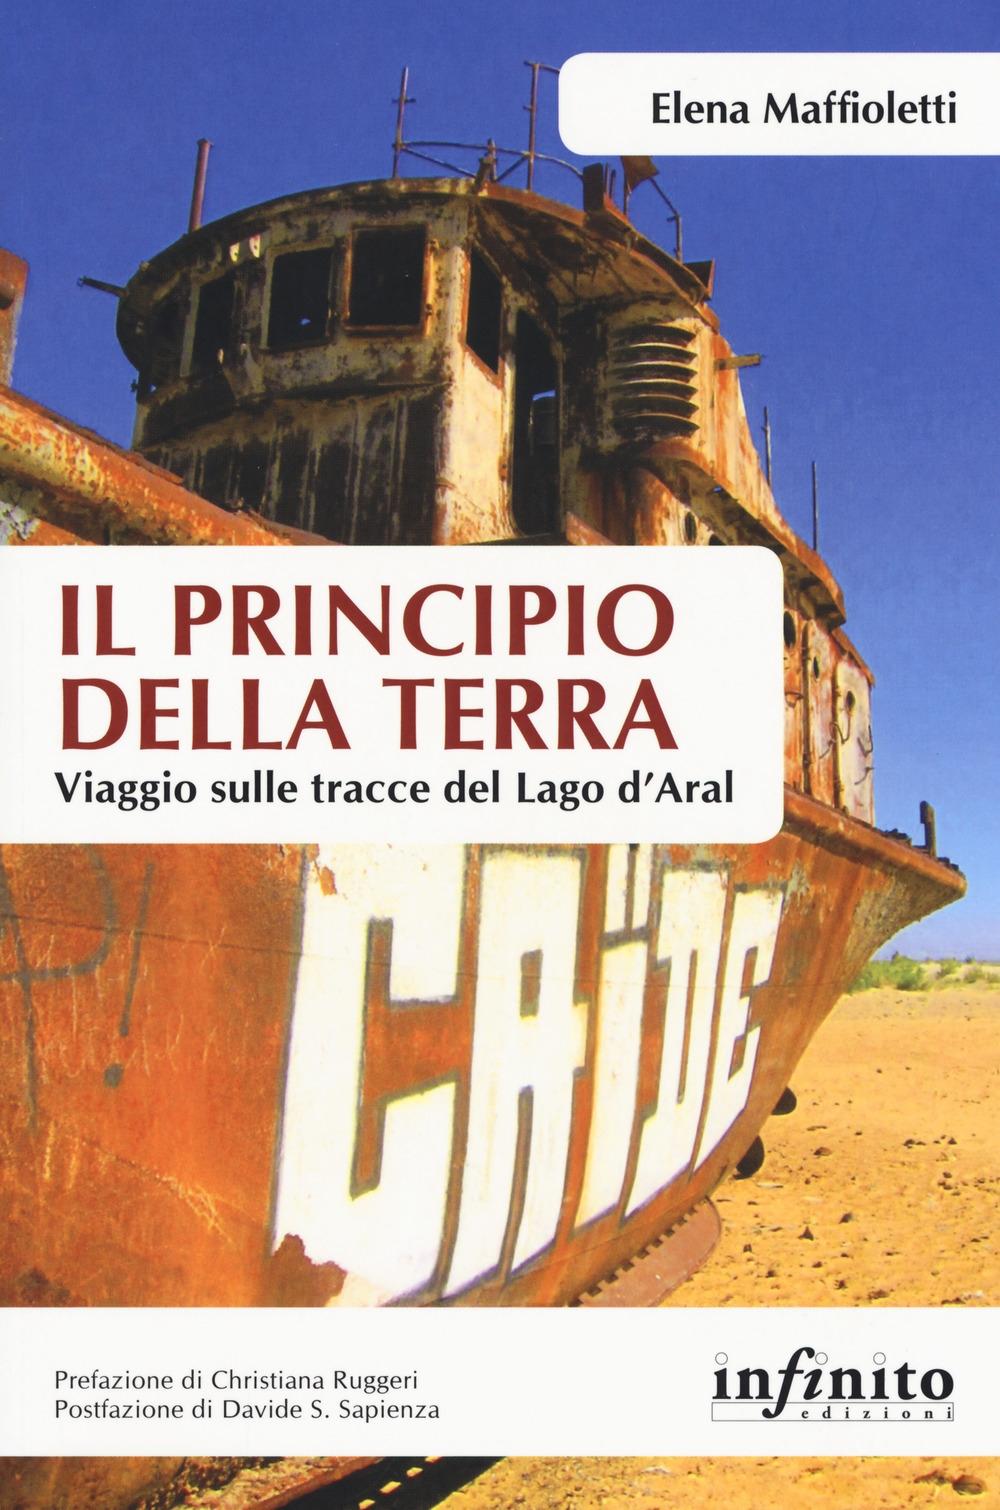 Il principio della terra. Viaggio sulle tracce del lago d'Aral